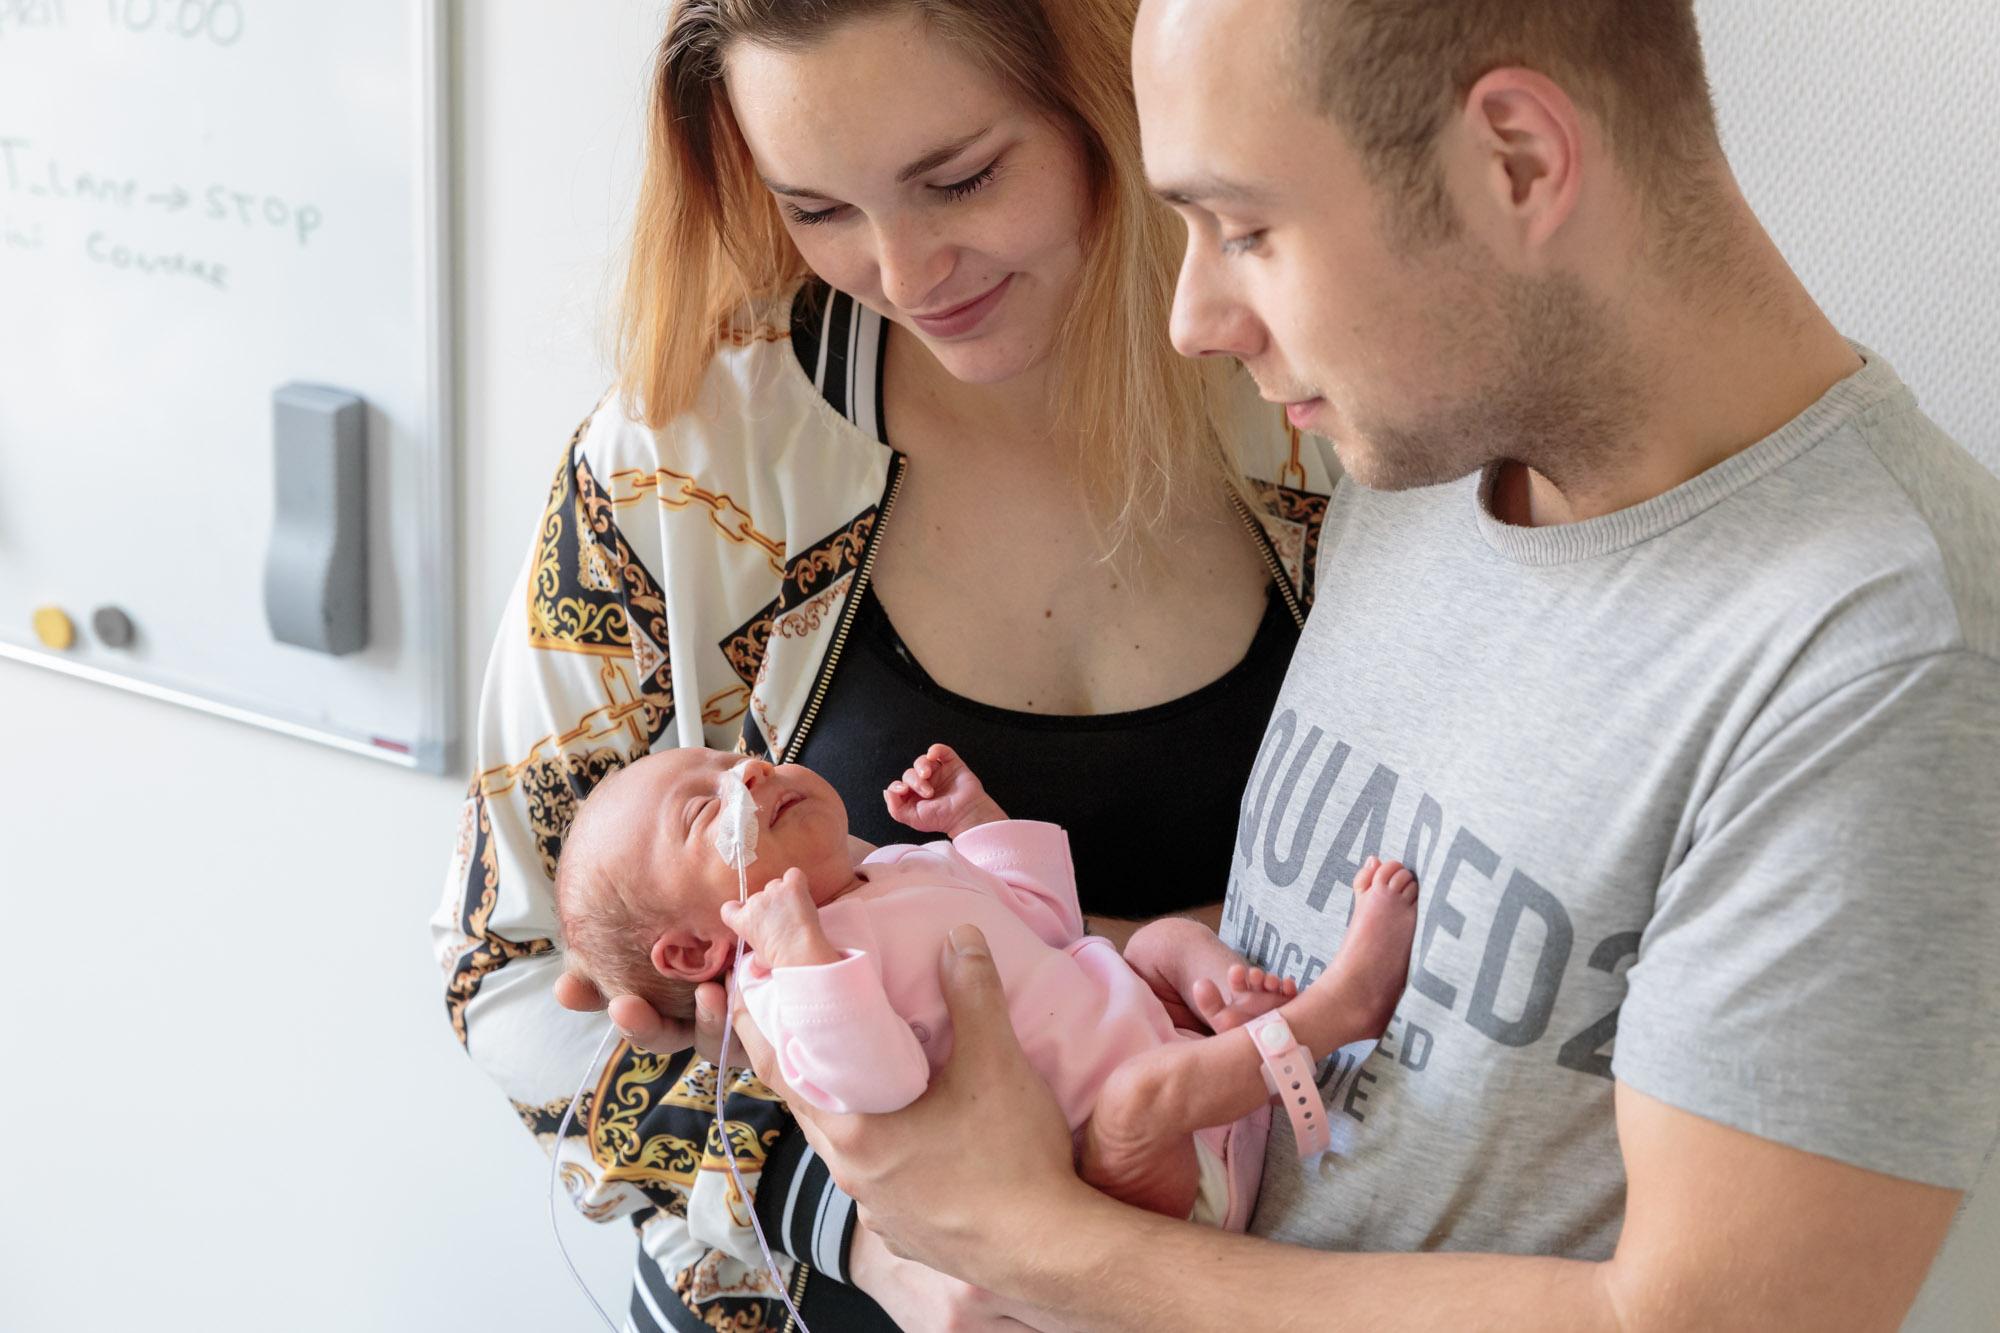 foto van vader en moeder met prematuur baby met roze kleertjes voor stichting earlybirds door mayrafotografie